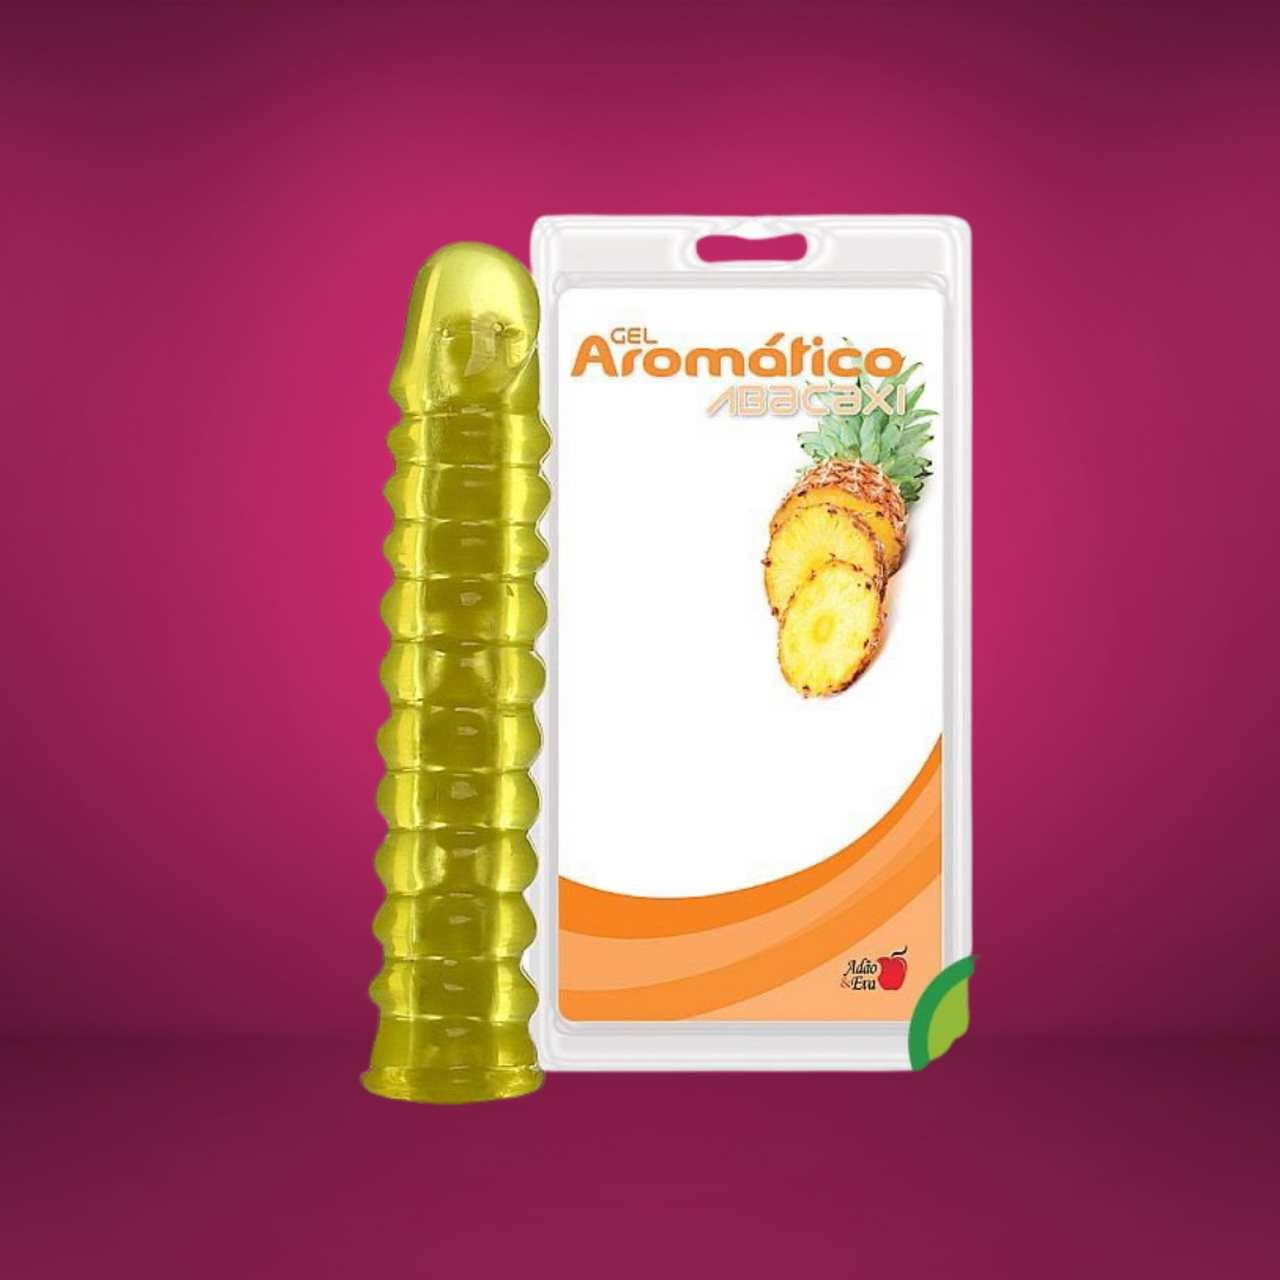 Prótese Gel Articulado Aroma de Abacaxi 23 x 3,5cm Adão & Eva